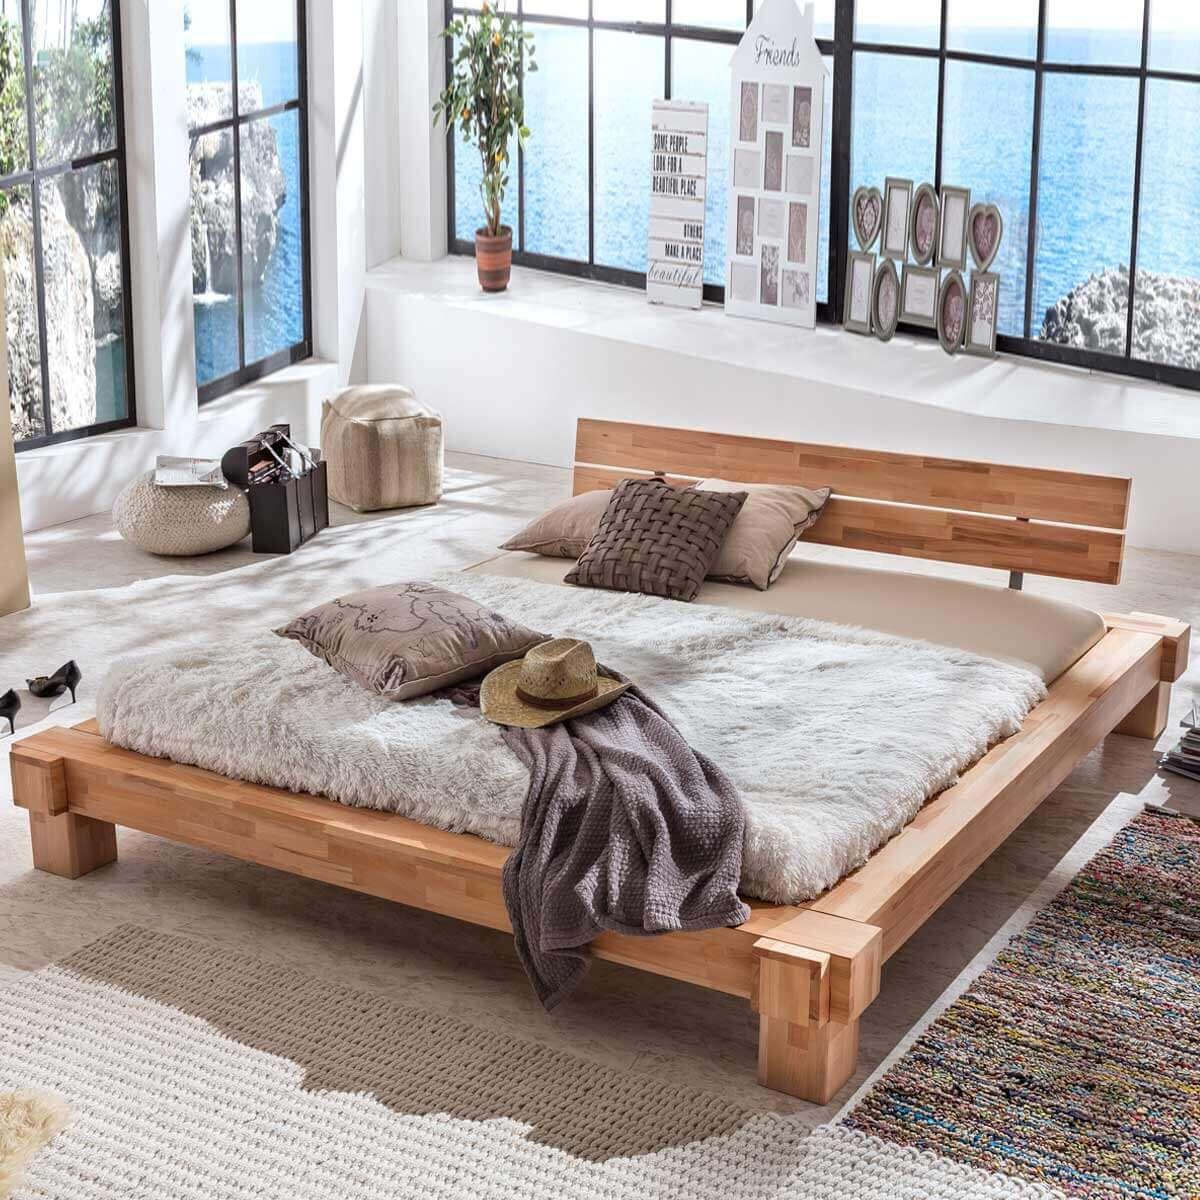 Schlafzimmer Kernbuche. Biber Bettwäsche 135x100 Ikea